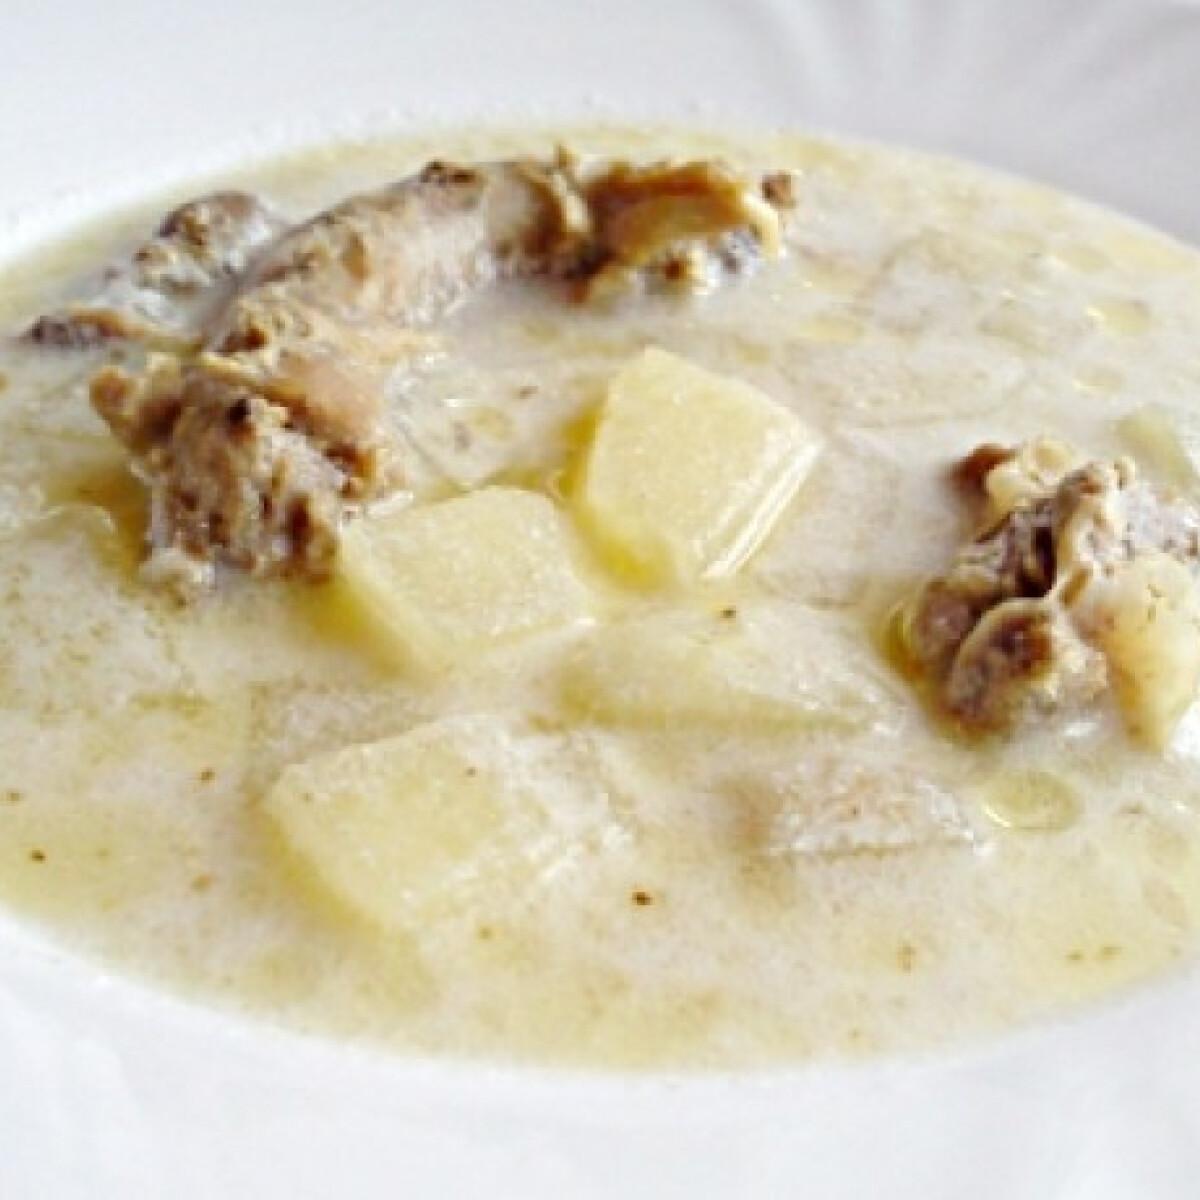 Ezen a képen: Almás csirkeaprólék leves